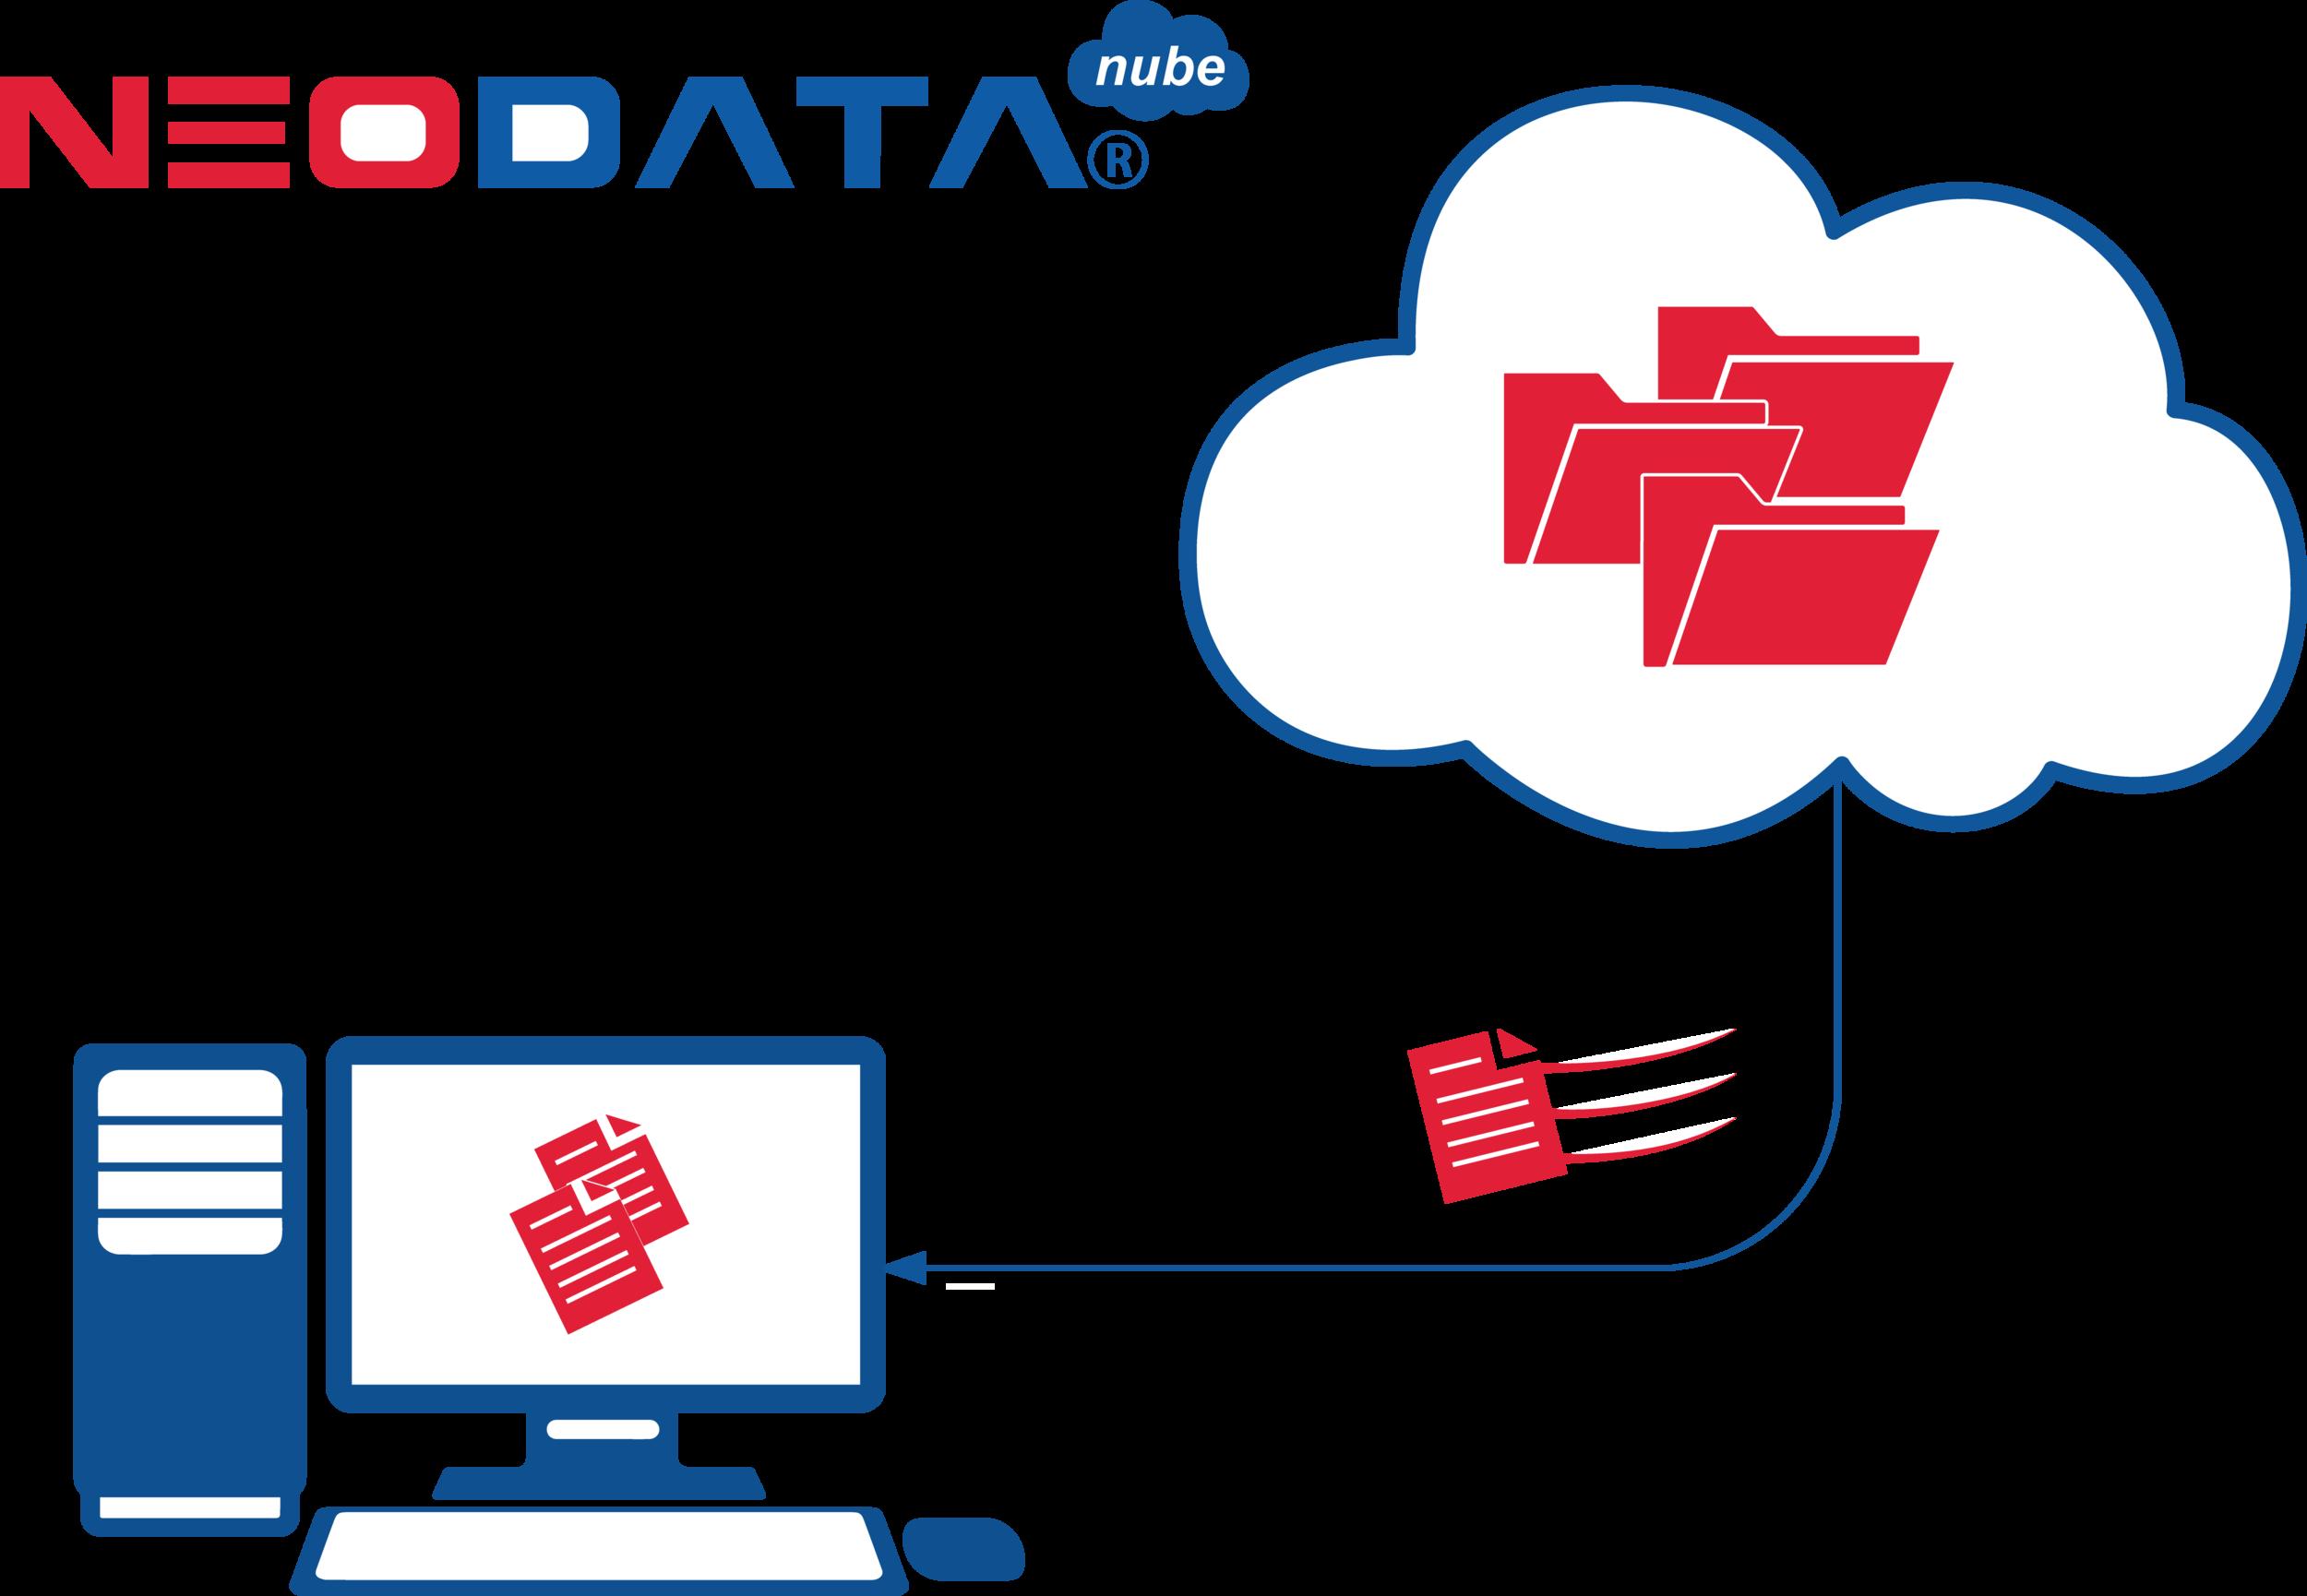 Neodata Nube descarga datos.png